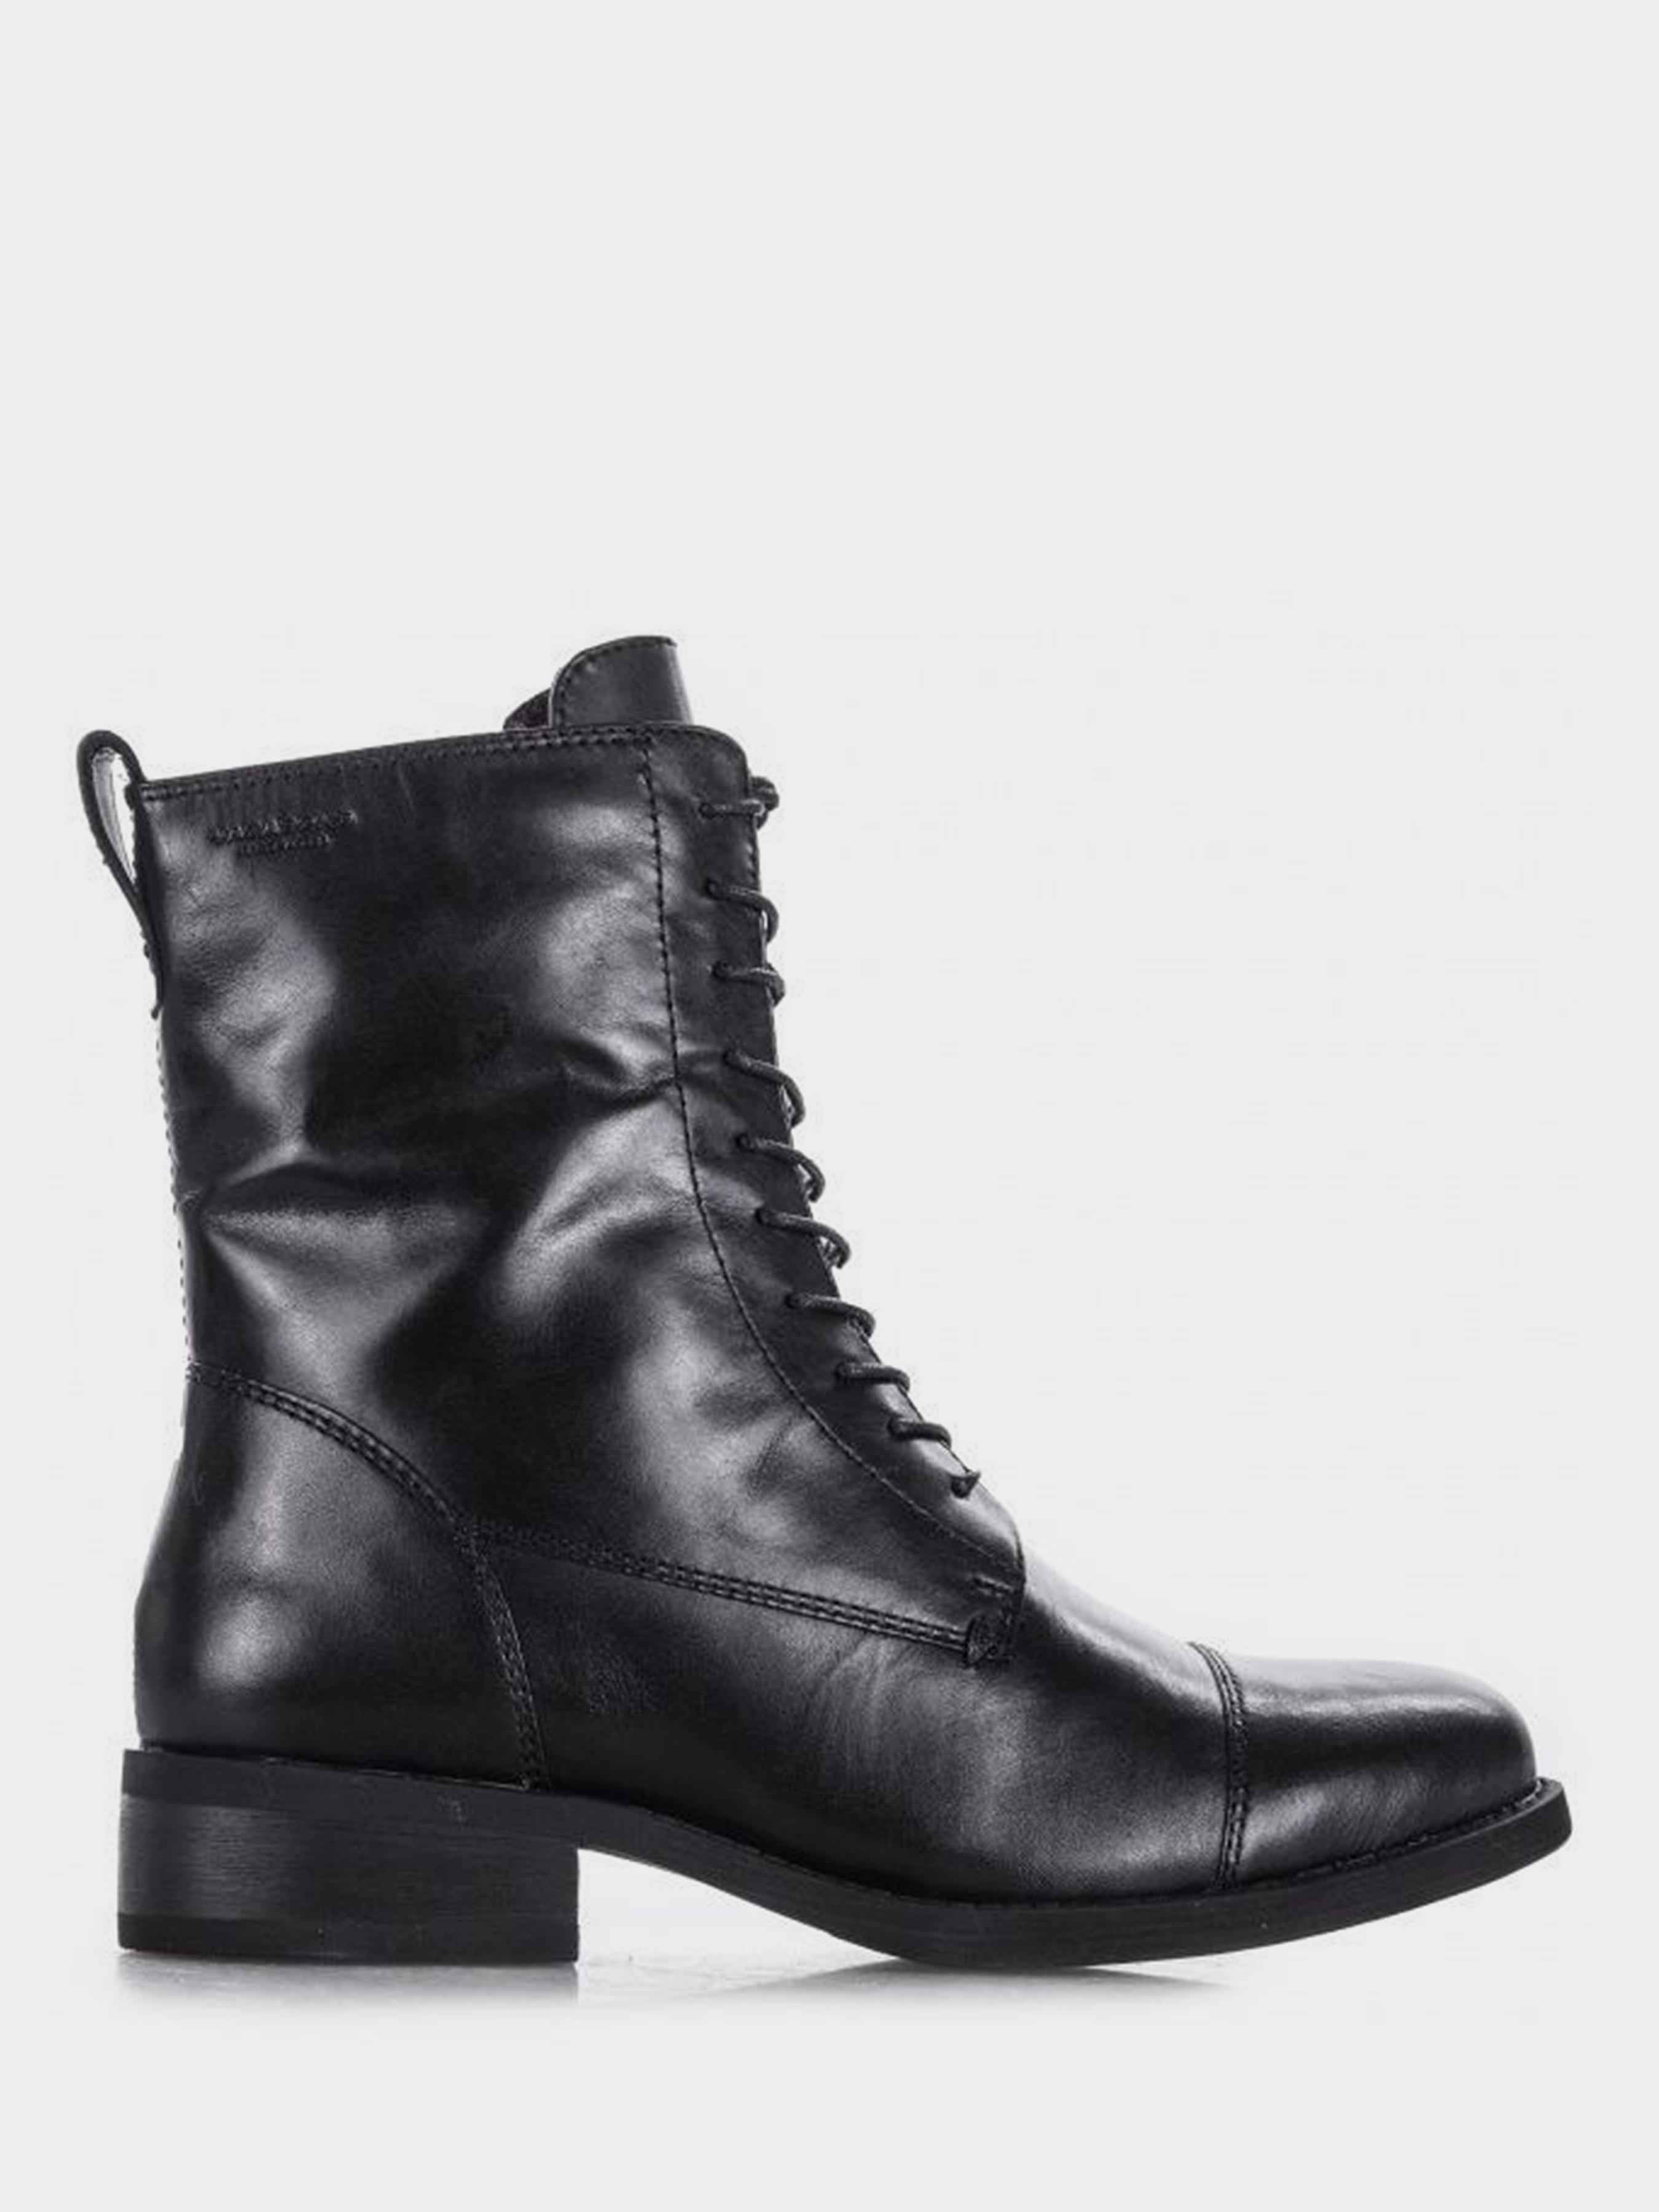 Купить Ботинки женские VAGABOND CARY VW5375, Черный